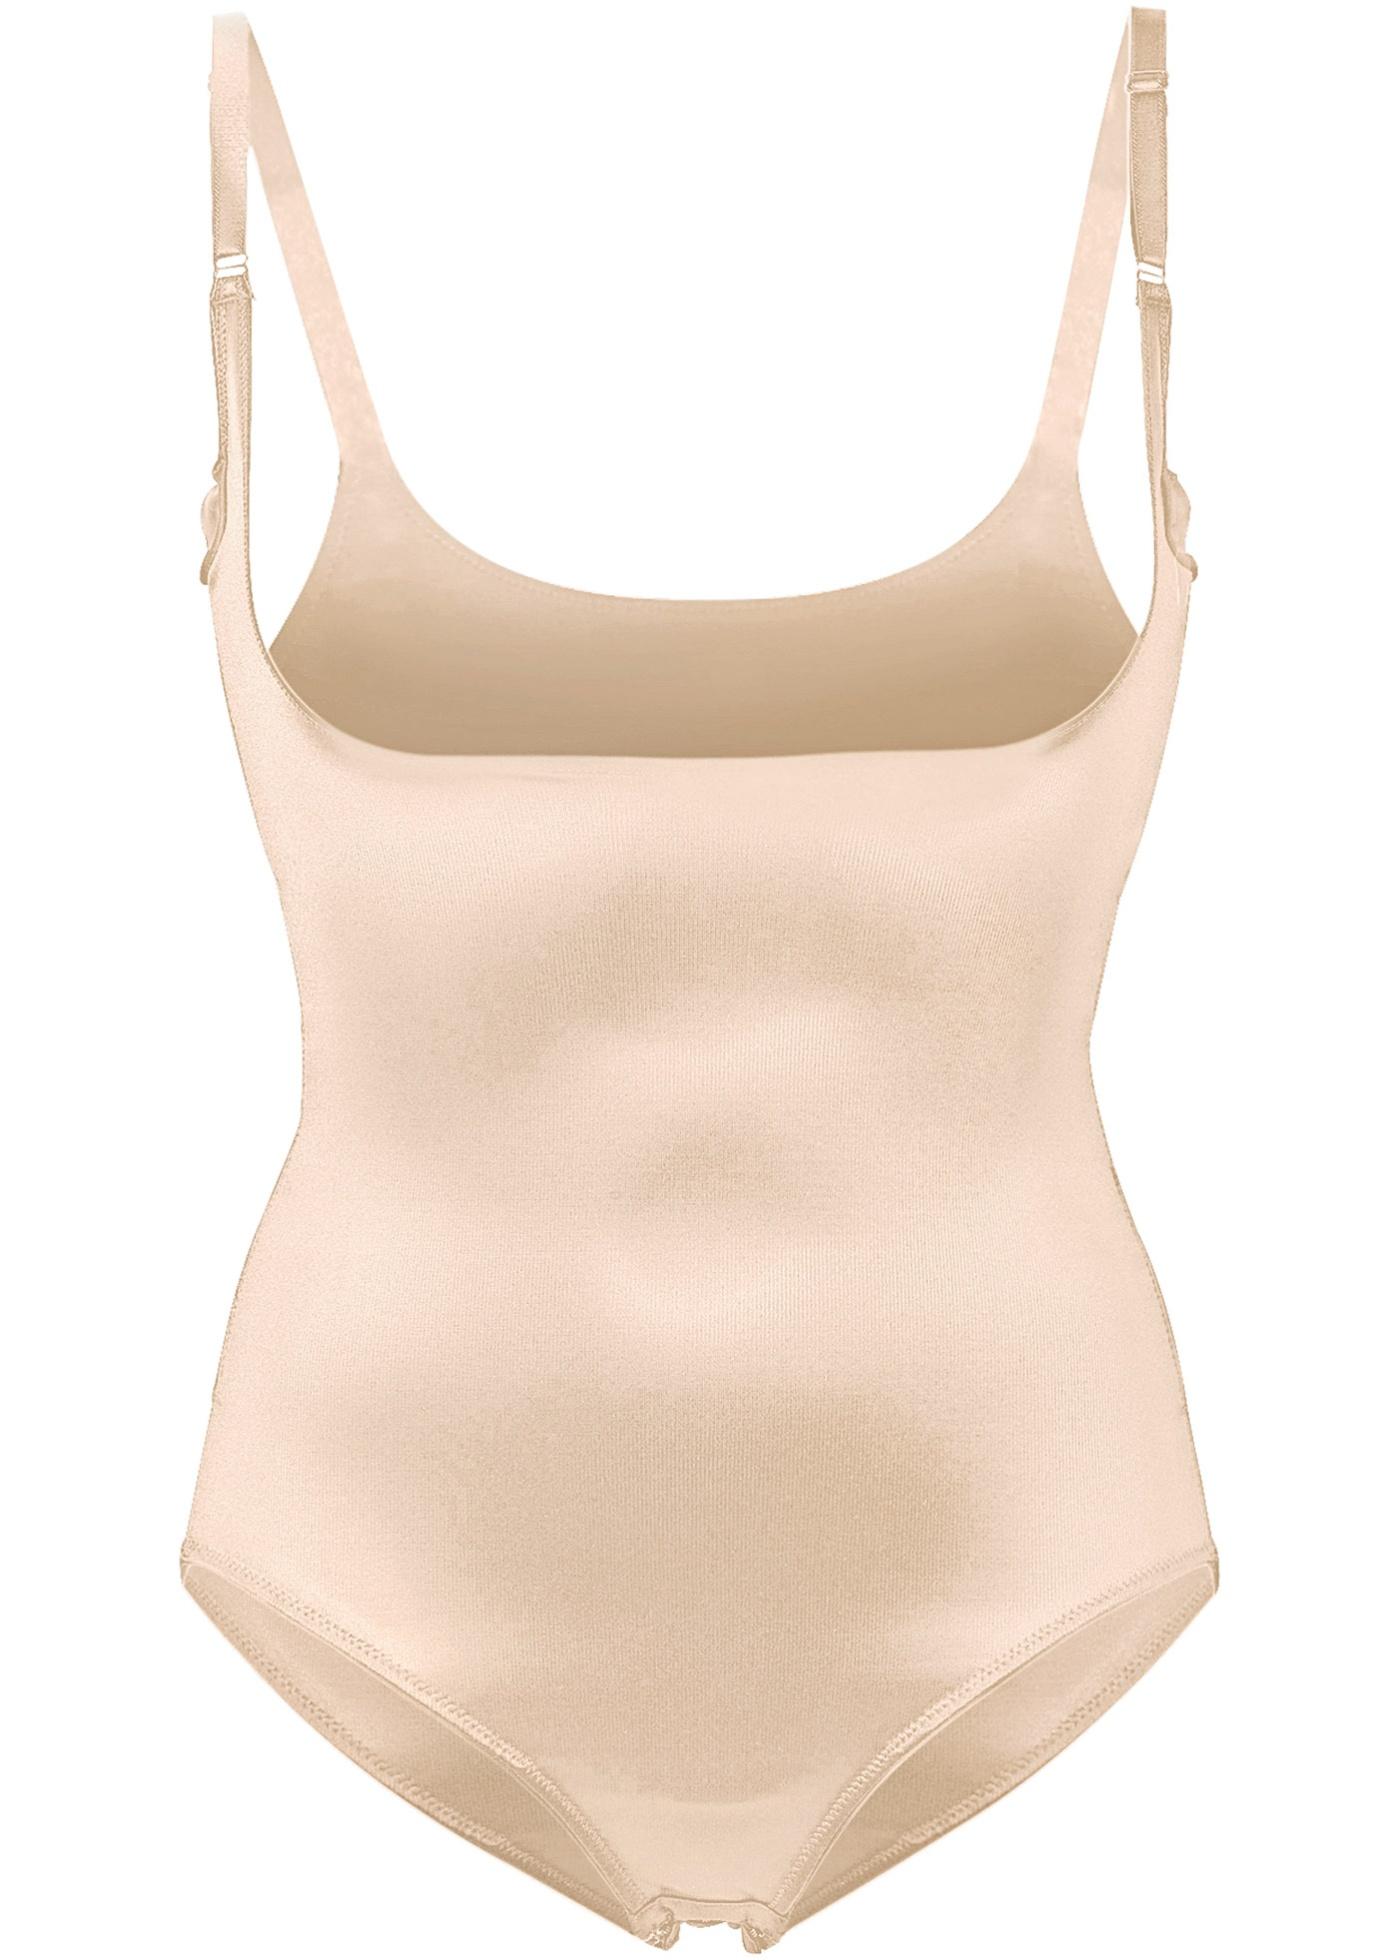 Waesche - Shape Body Level 2 › bonprix › beige  - Onlineshop Bonprix